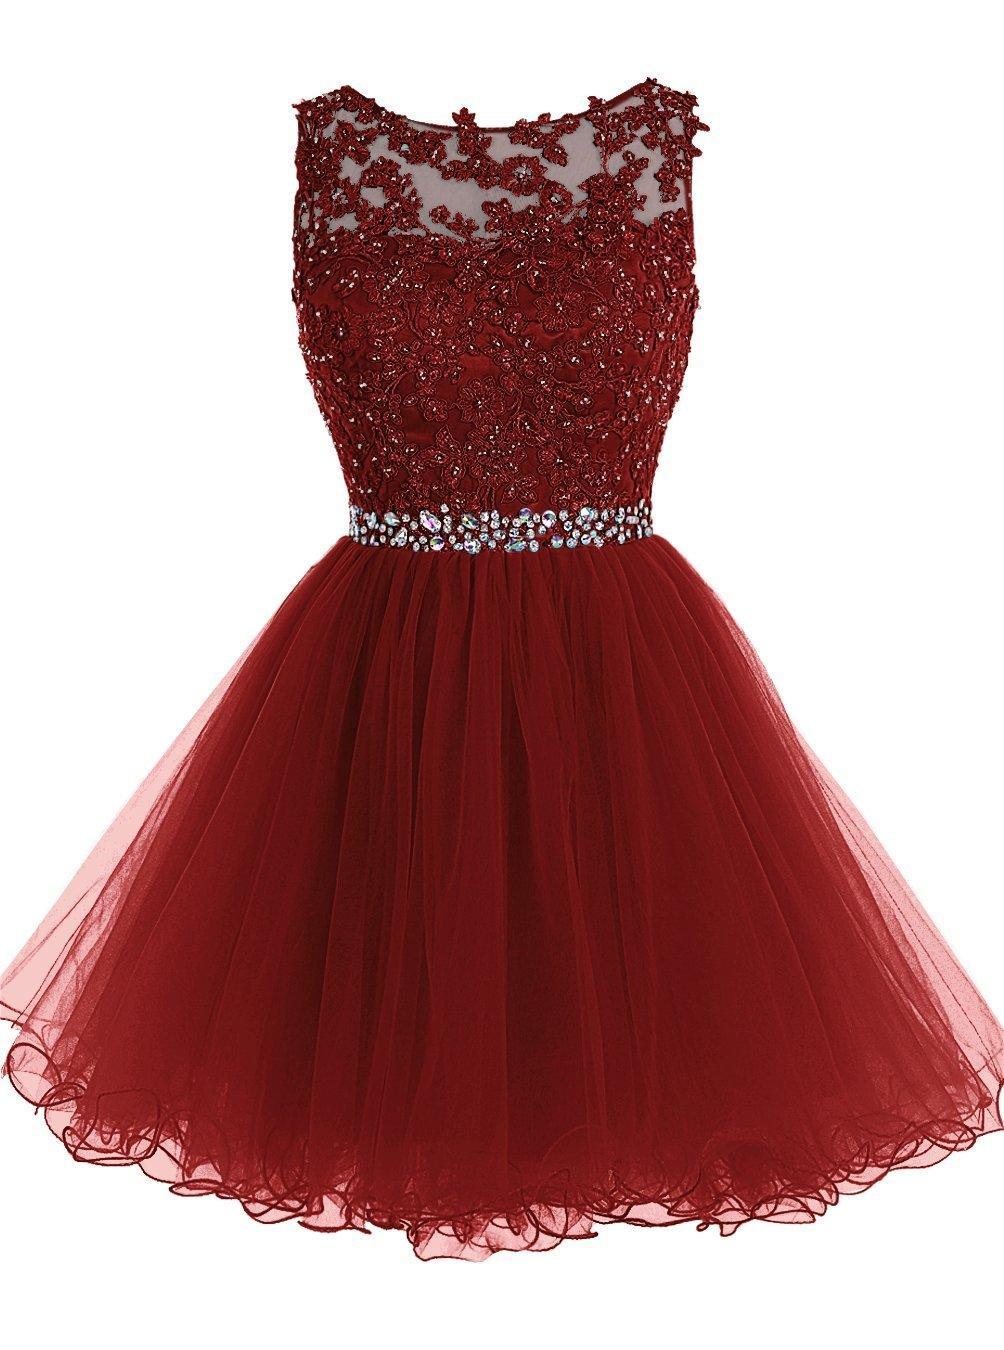 16 Prom apliques de encaje vestidos cortos dulces con los granos del cristal hinchada de tul cóctel partido de los vestidos Pequeño Negro graduación Vestidos del regreso al hogar